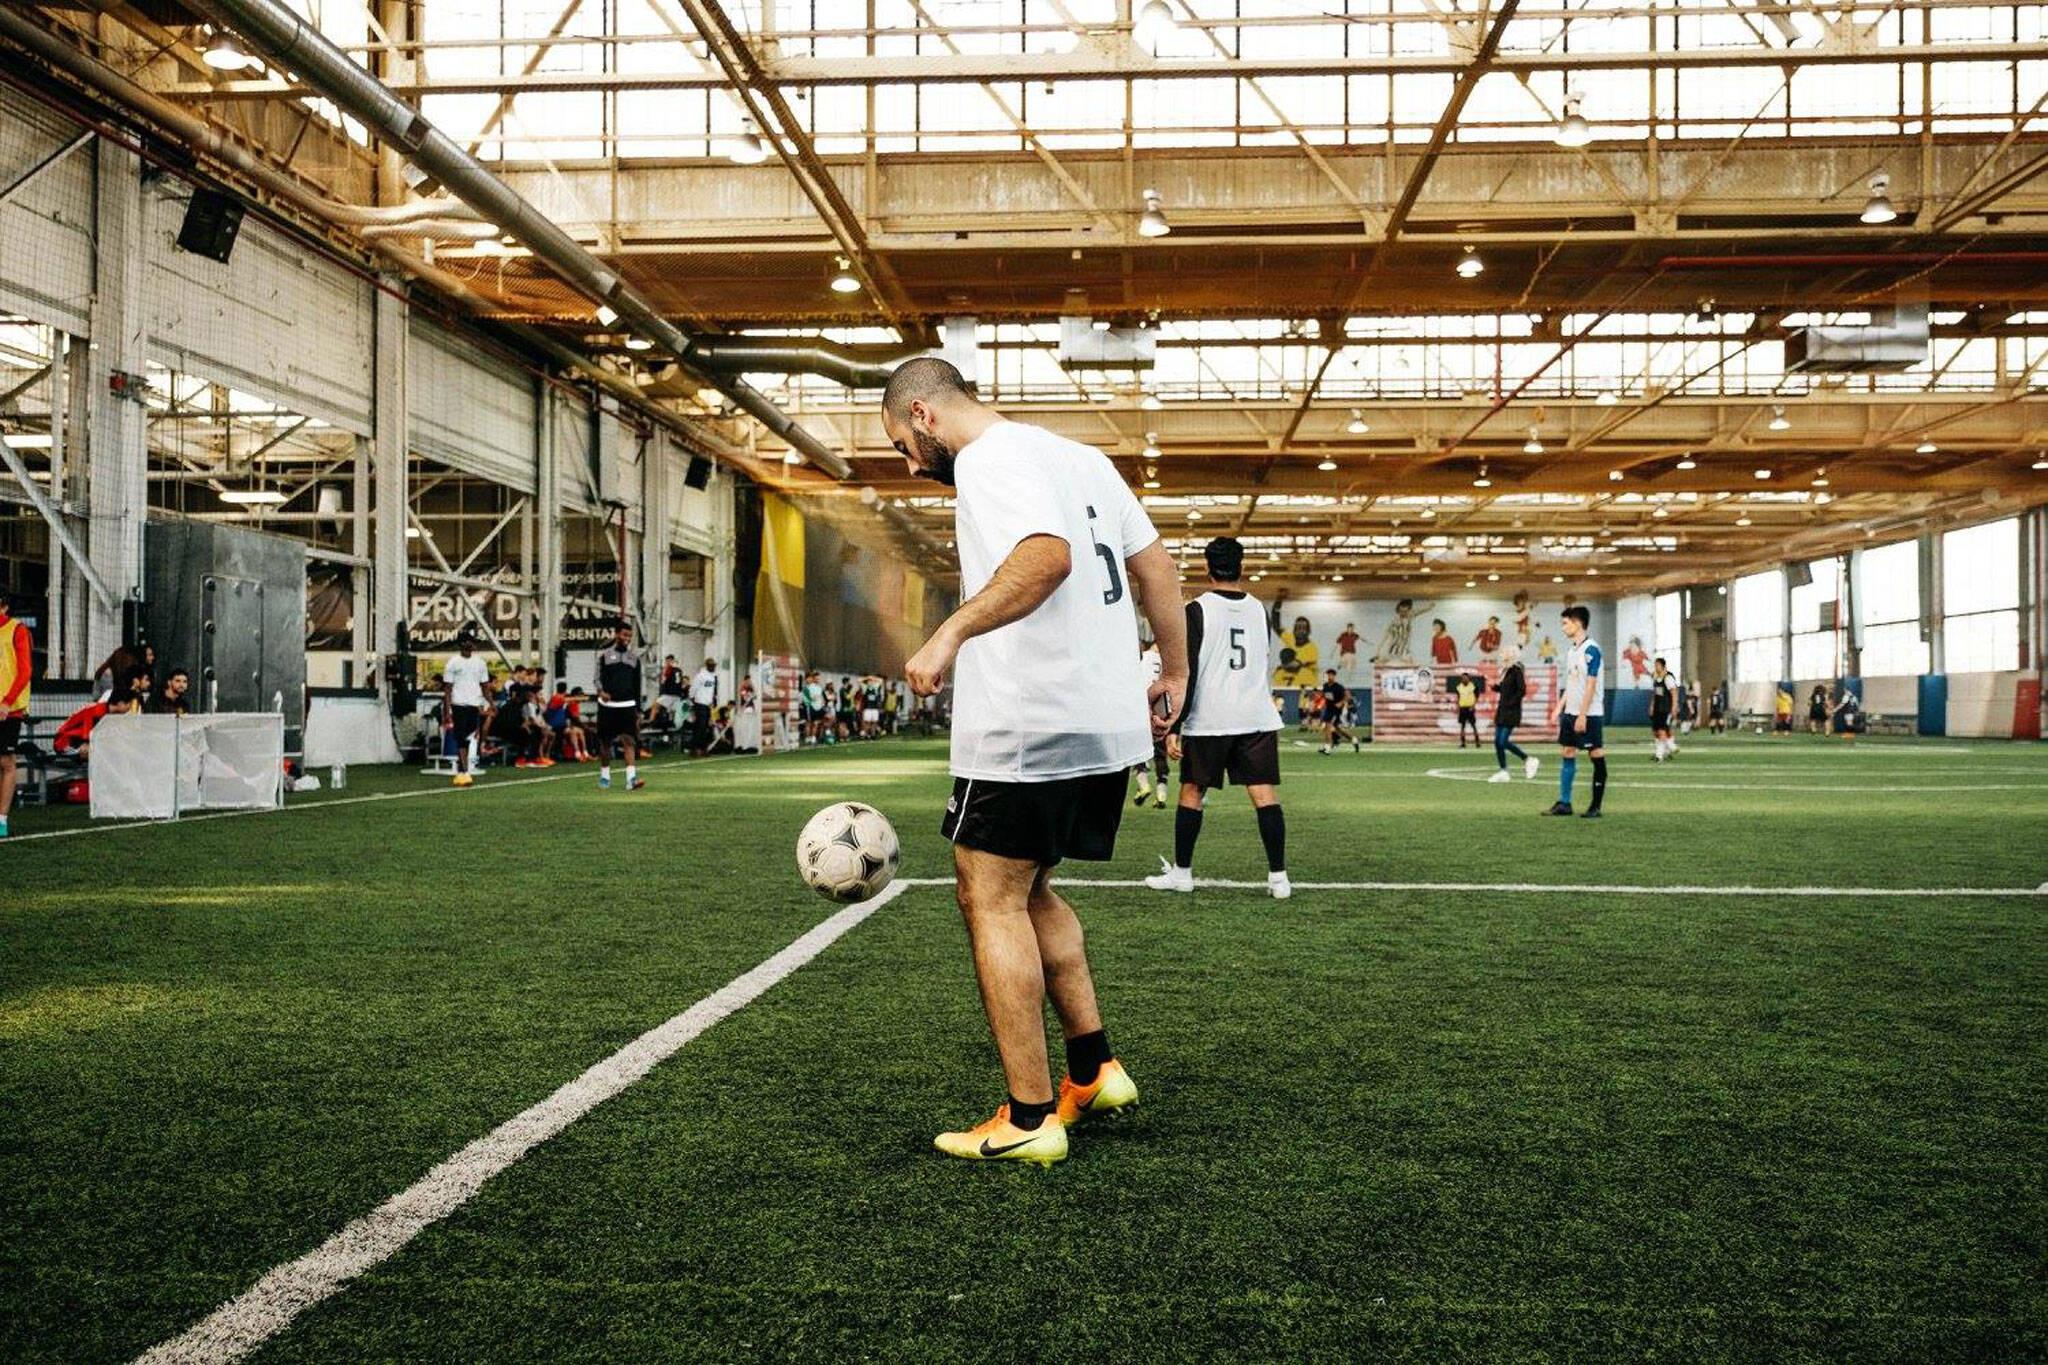 indoor sports fields toronto